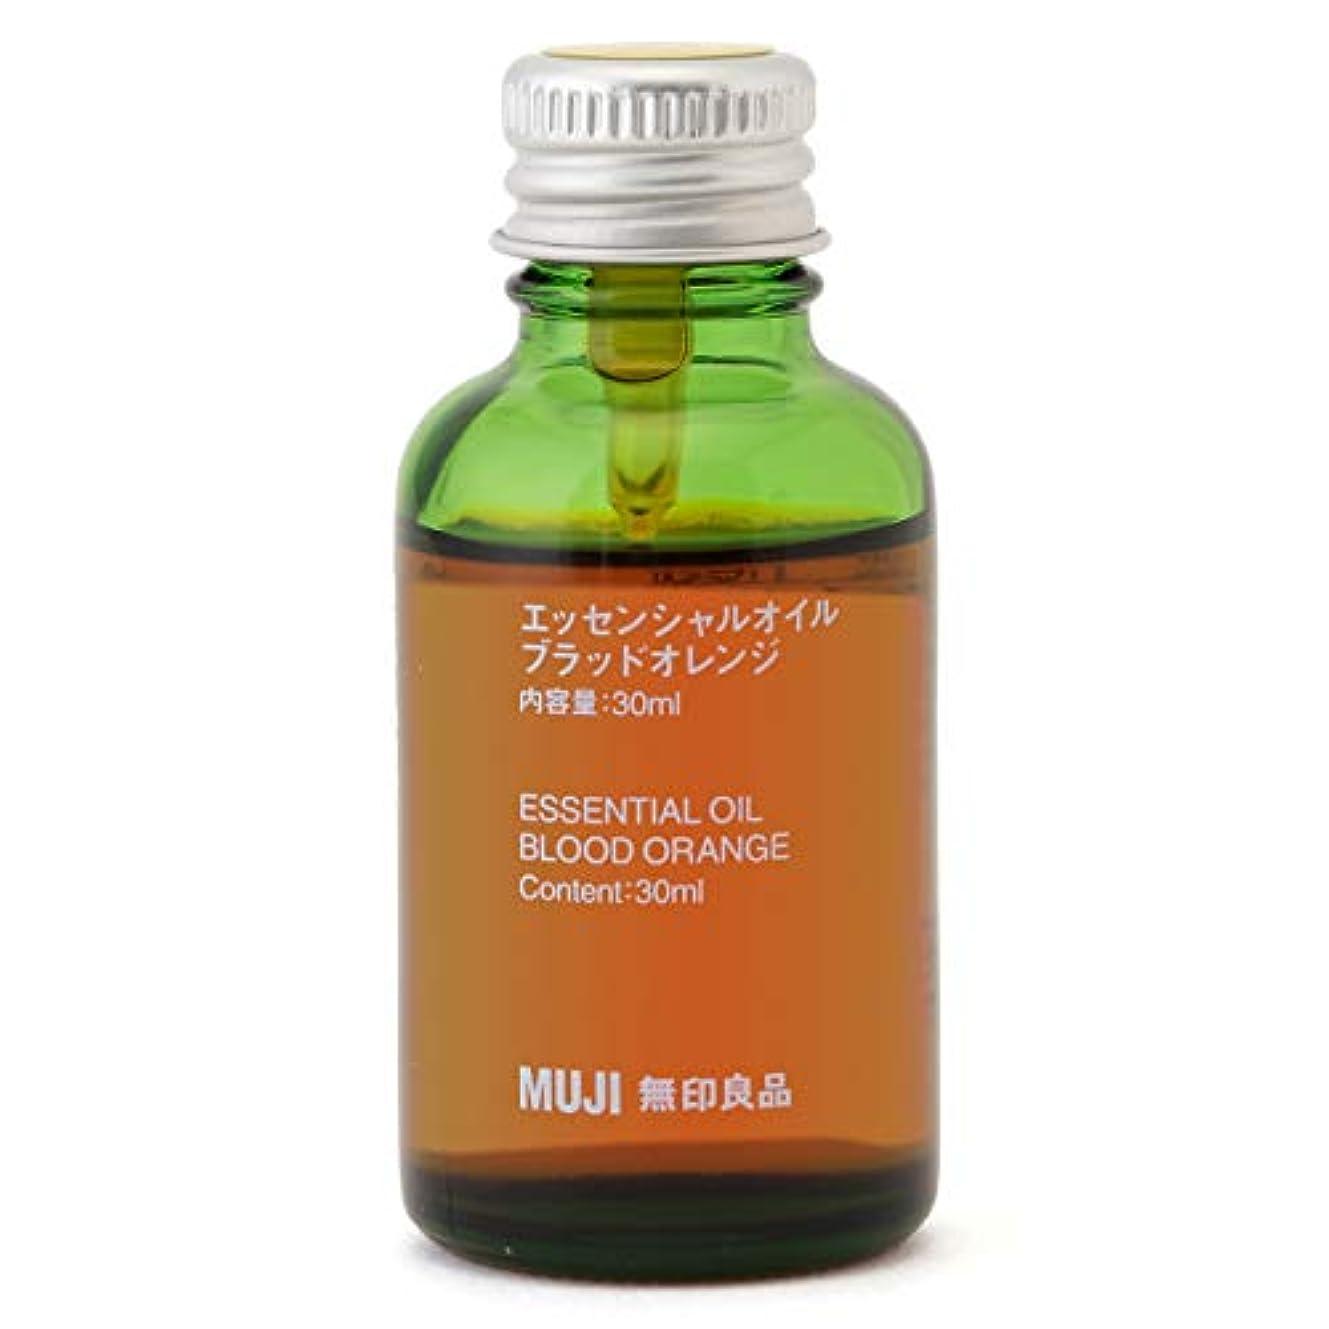 潜むマントル発見【無印良品】エッセンシャルオイル30ml(ブラッドオレンジ)